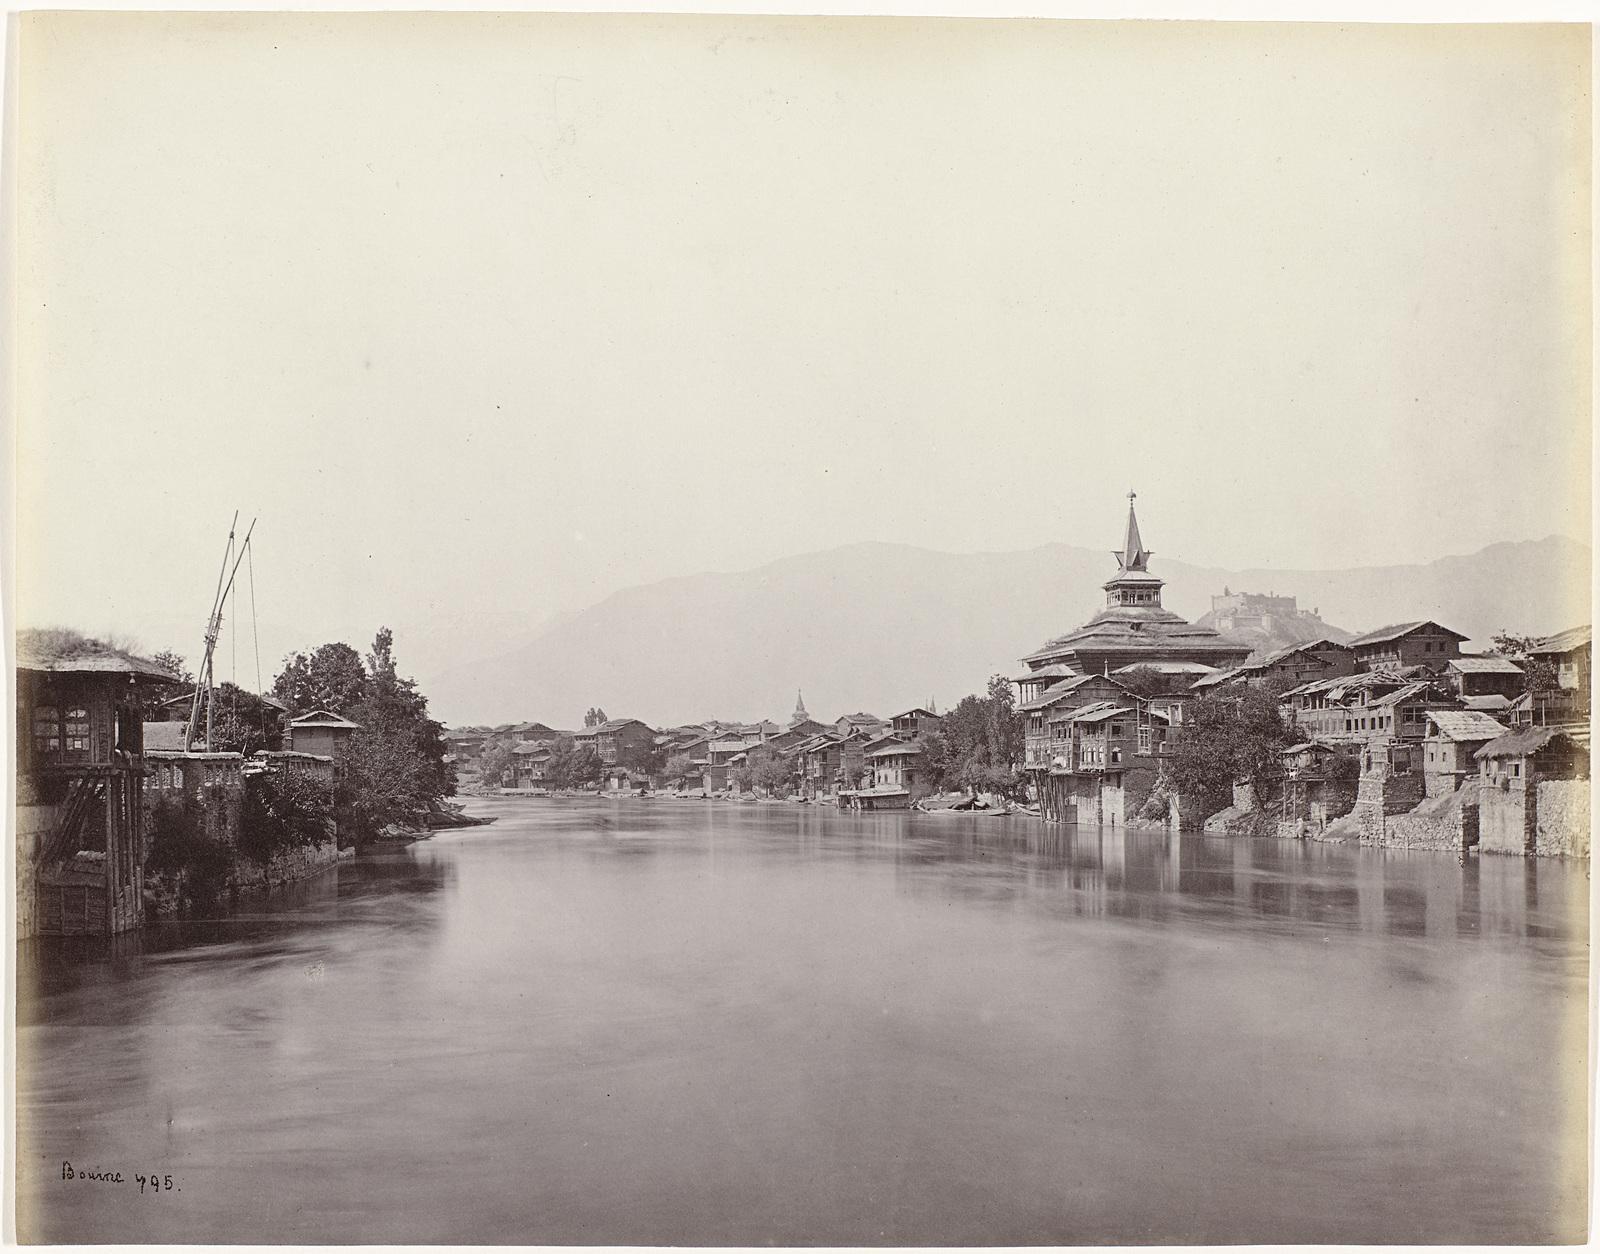 Gezicht op een dorp gelegen aan een rivier in India